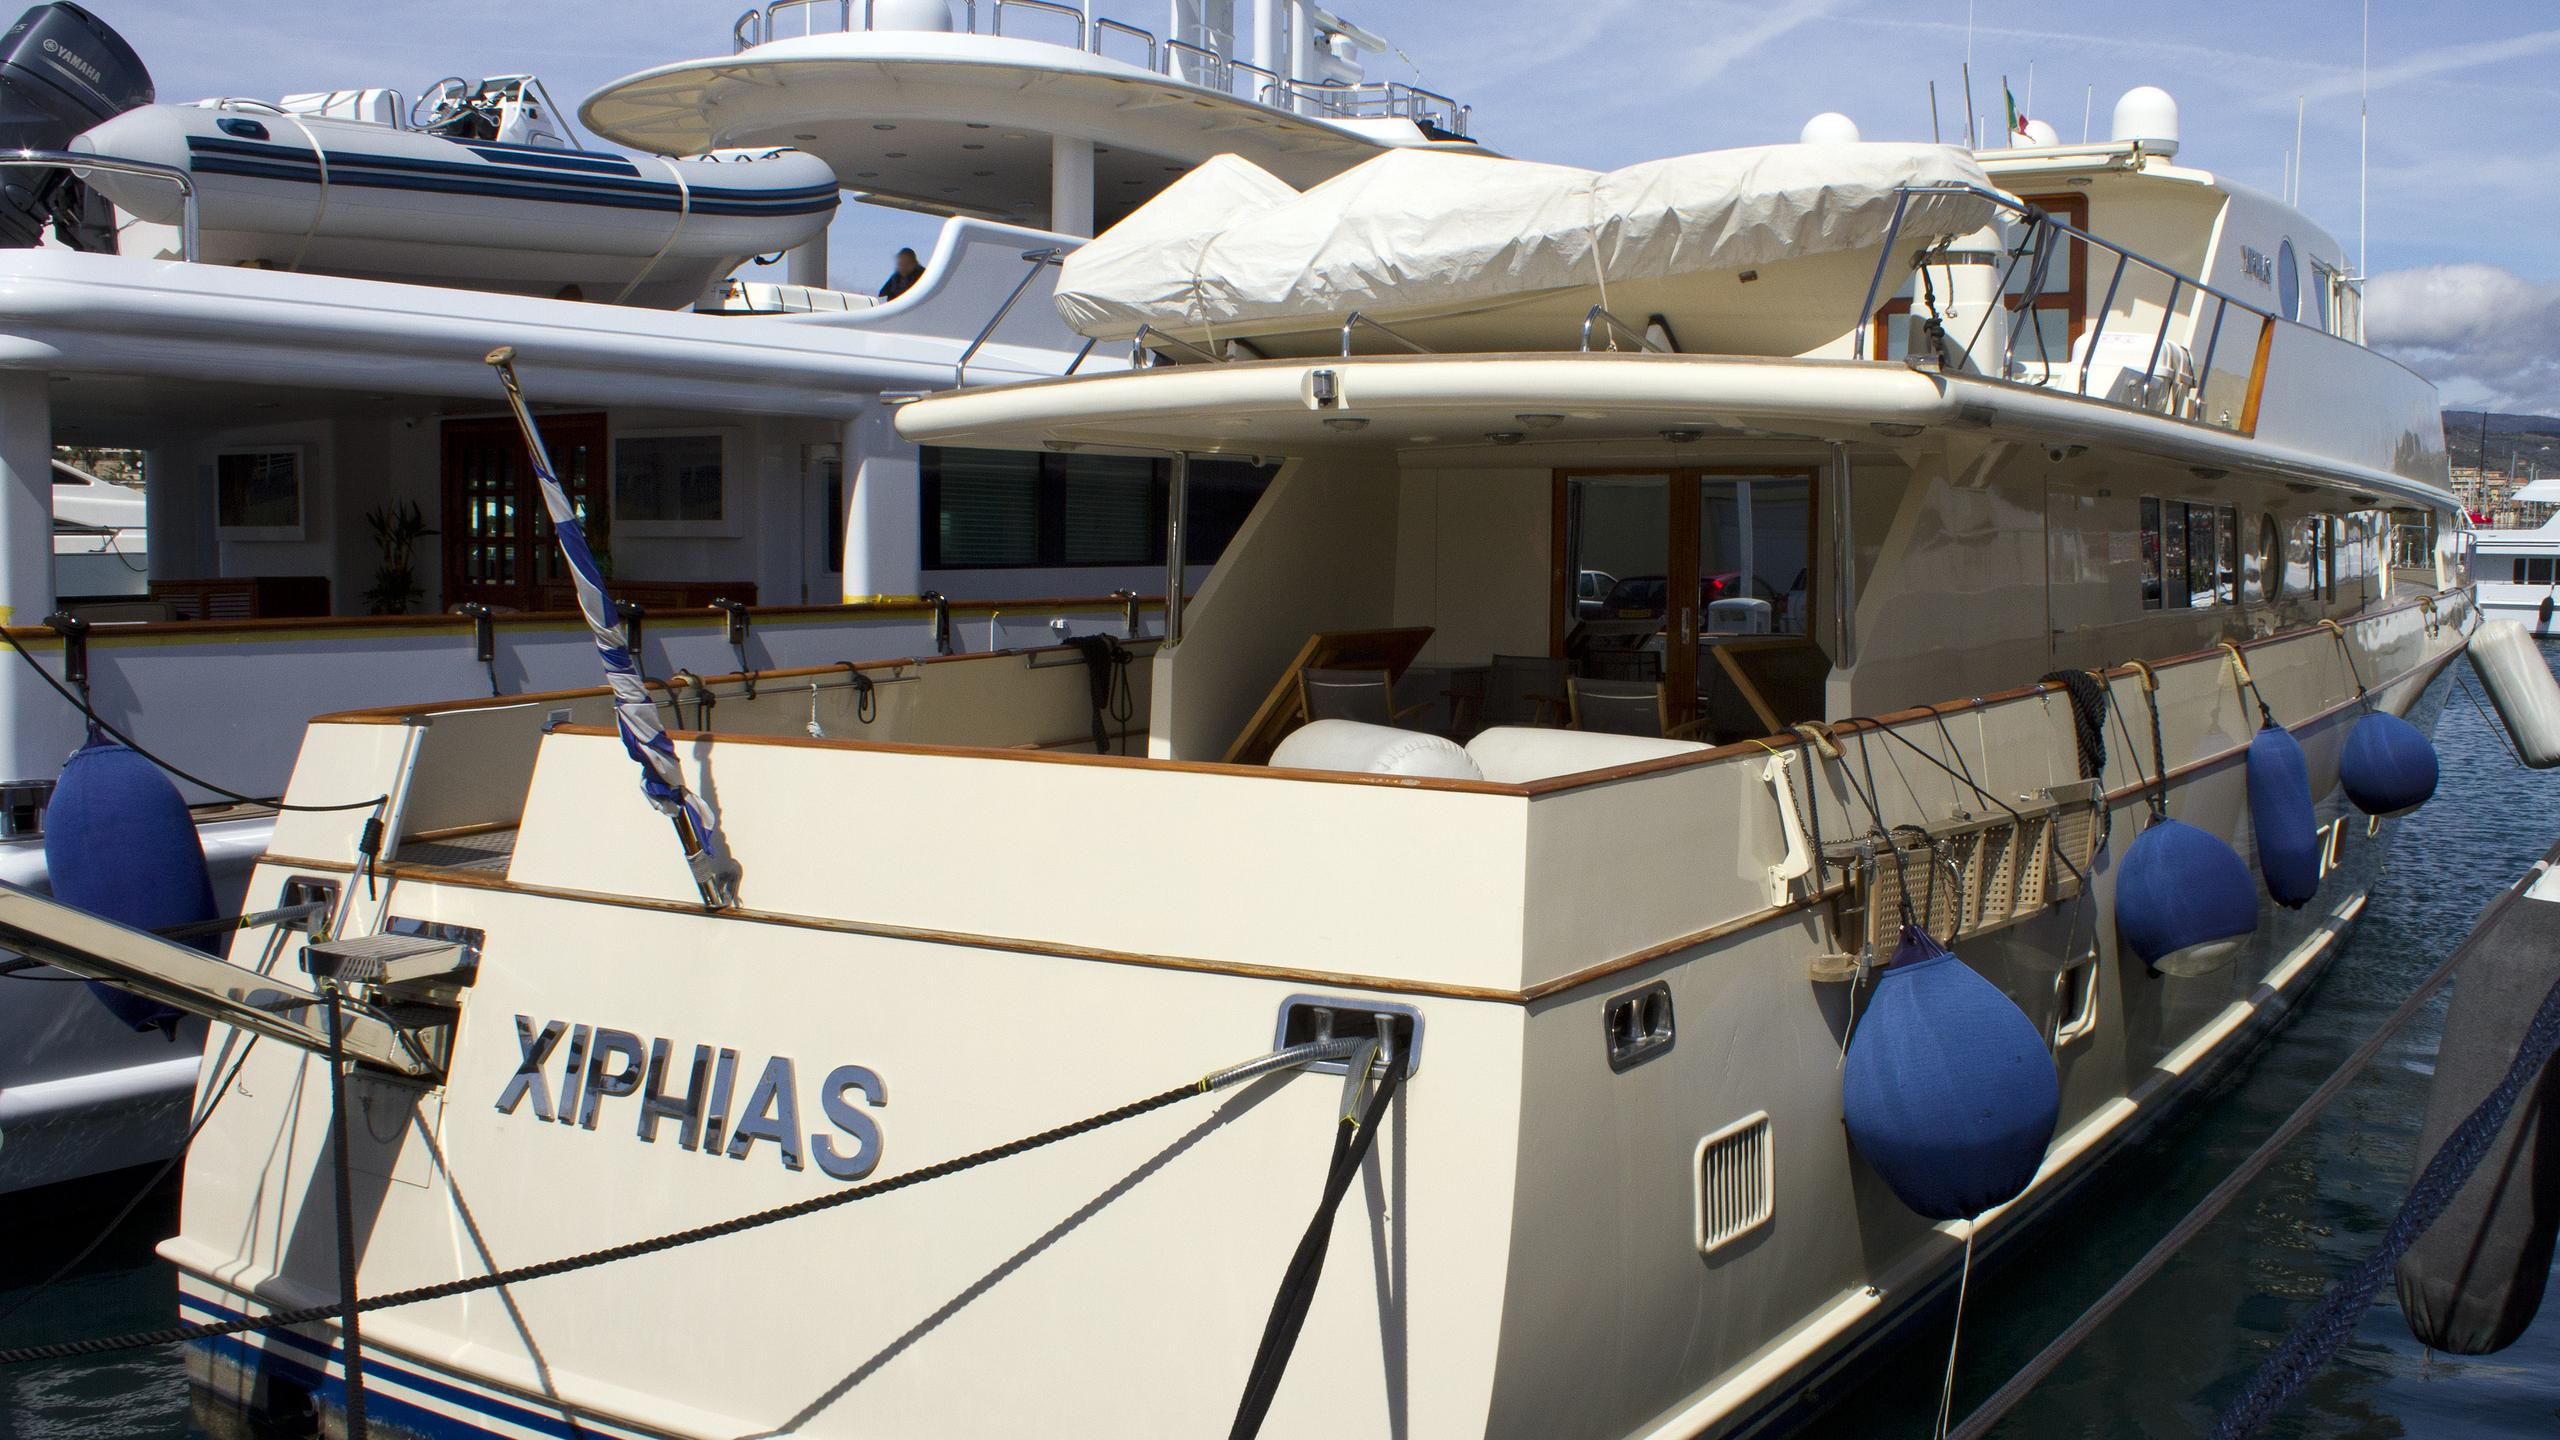 xiphias-motor-yacht-esterel-1973-32m-stern